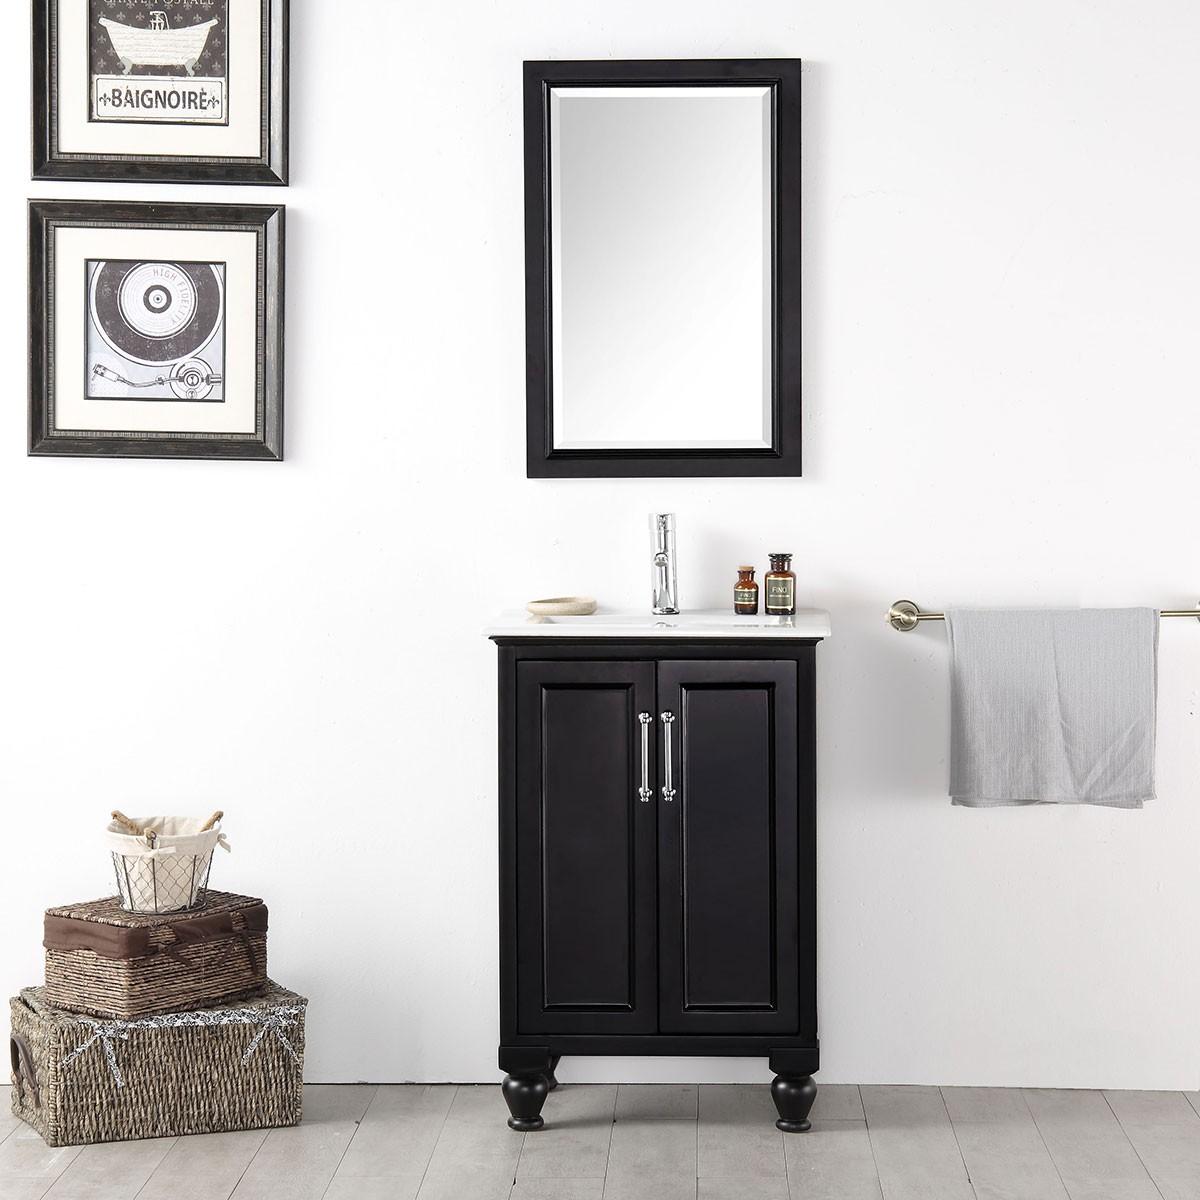 24 po meuble salle de bain vanit sur pieds lavabo simple sans miroir dk 6524 e decoraport. Black Bedroom Furniture Sets. Home Design Ideas